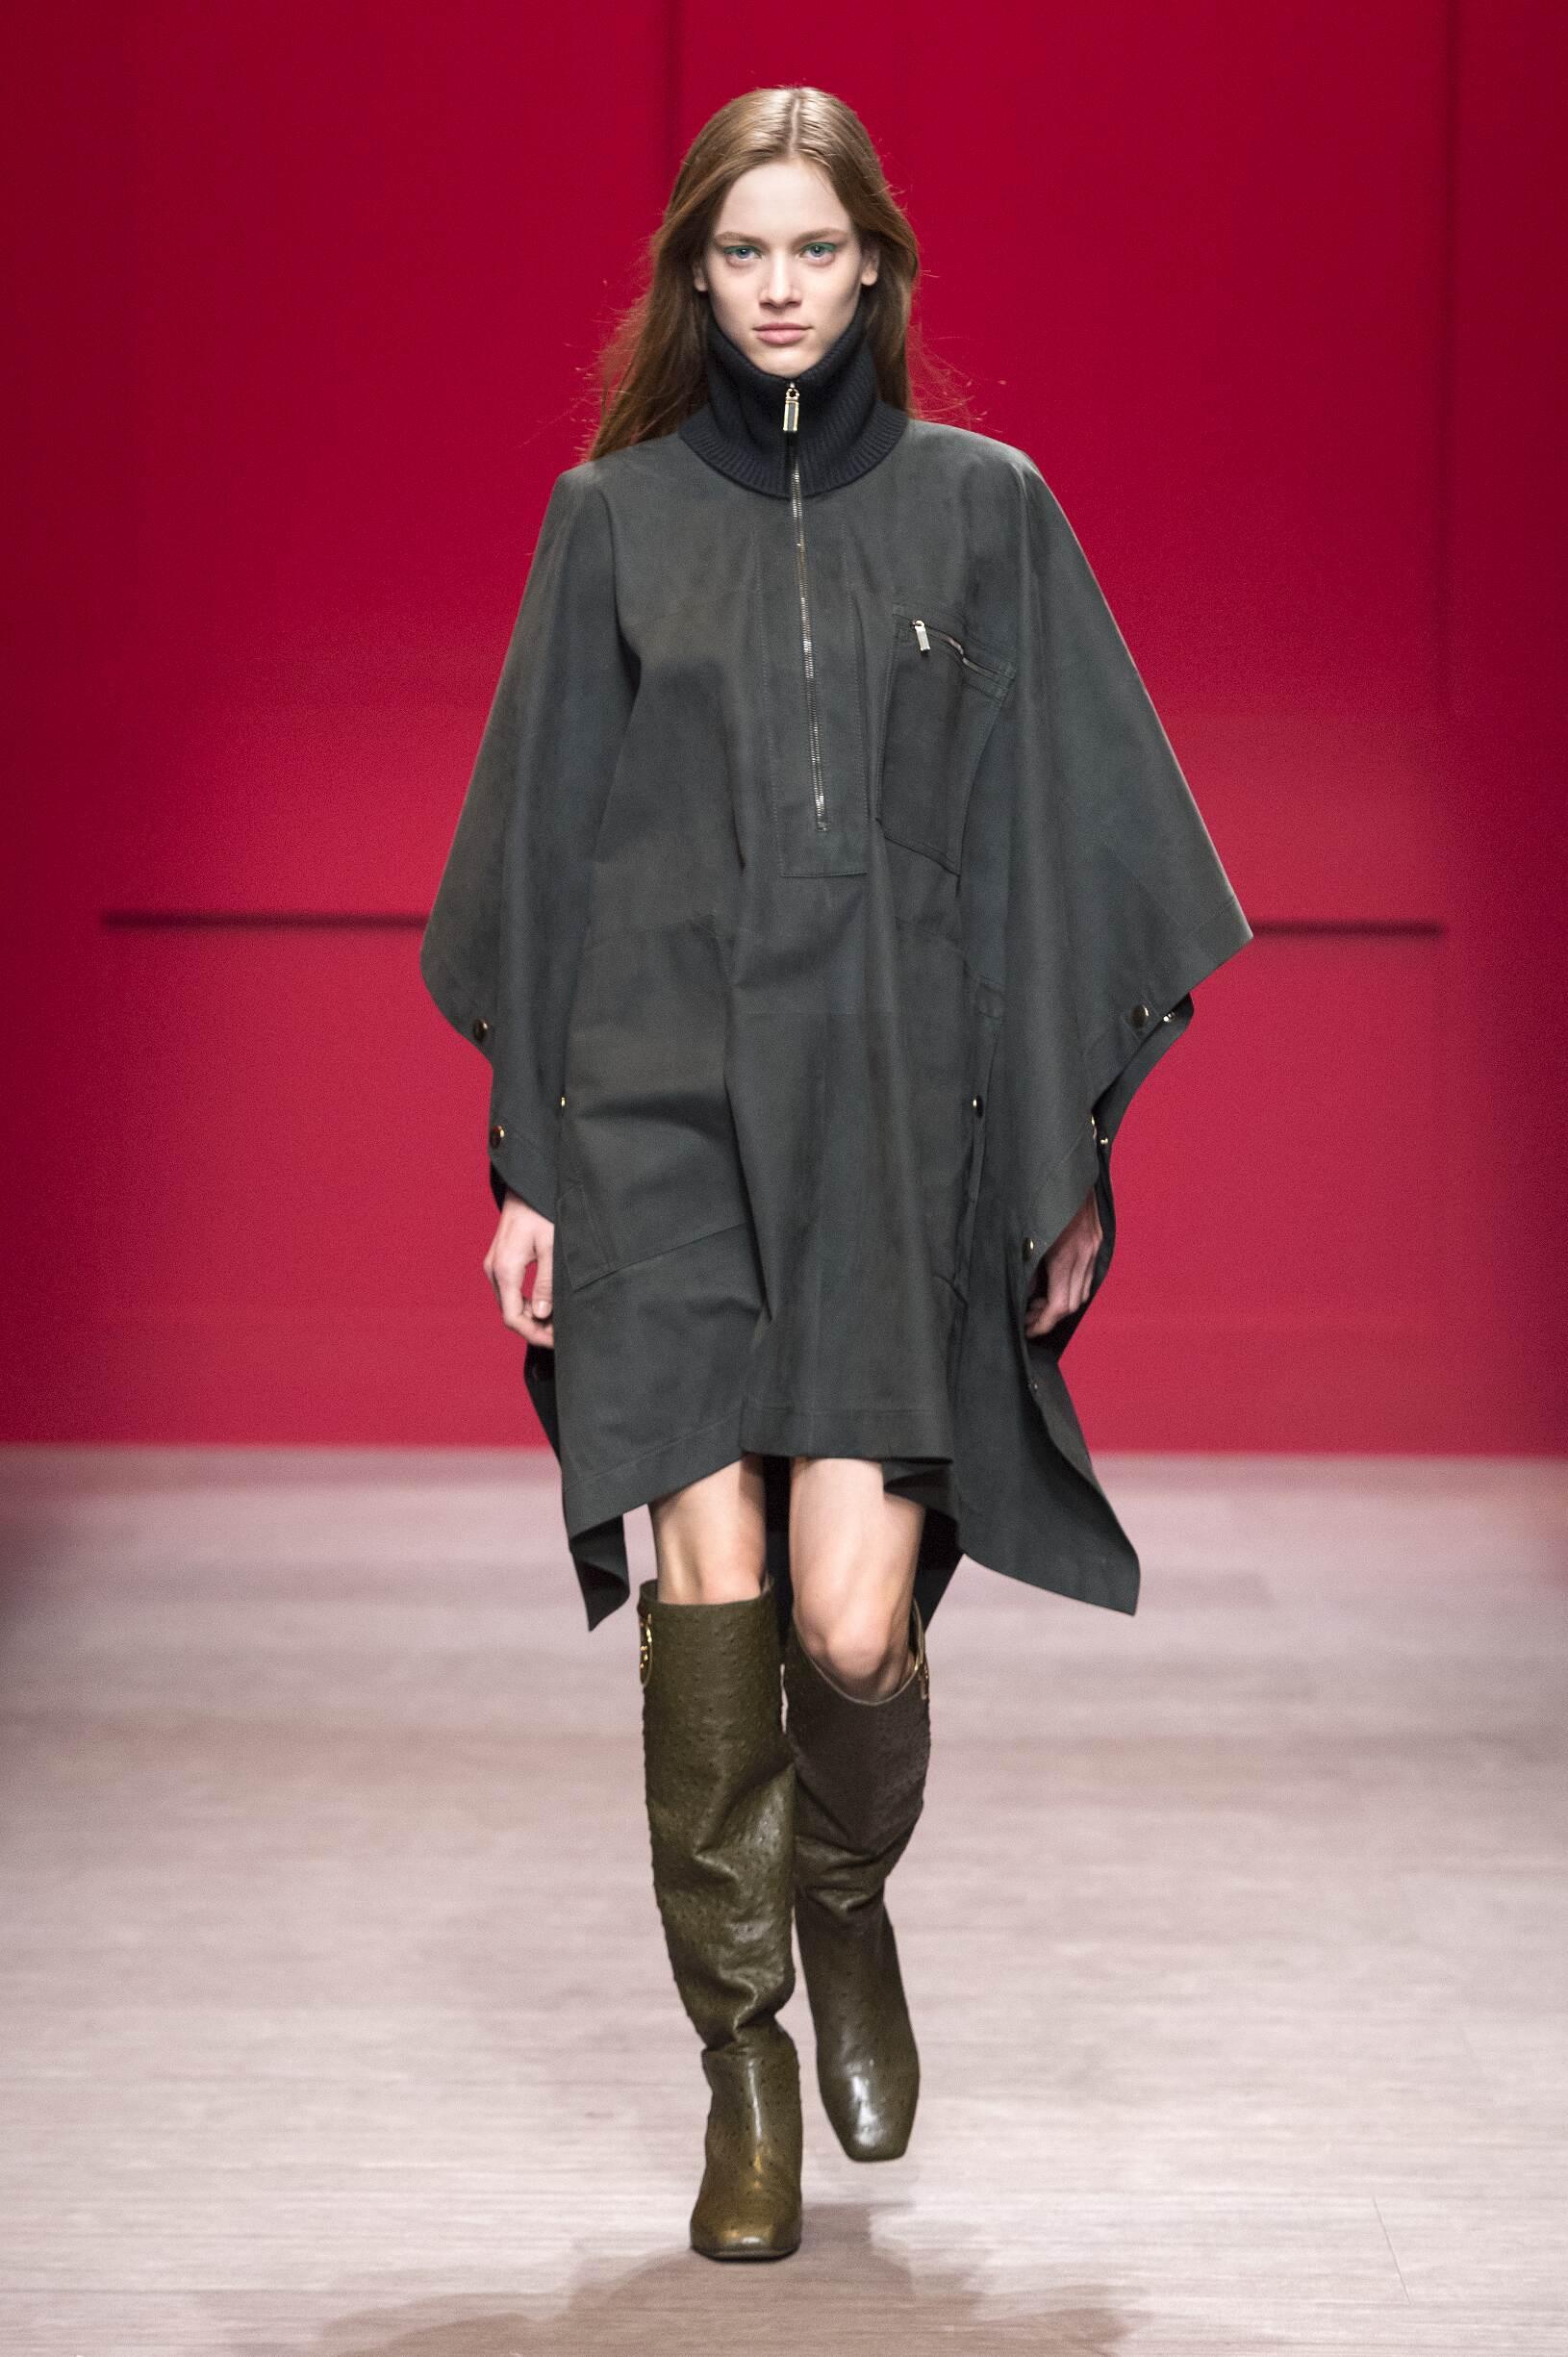 Salvatore Ferragamo Woman Style 2018